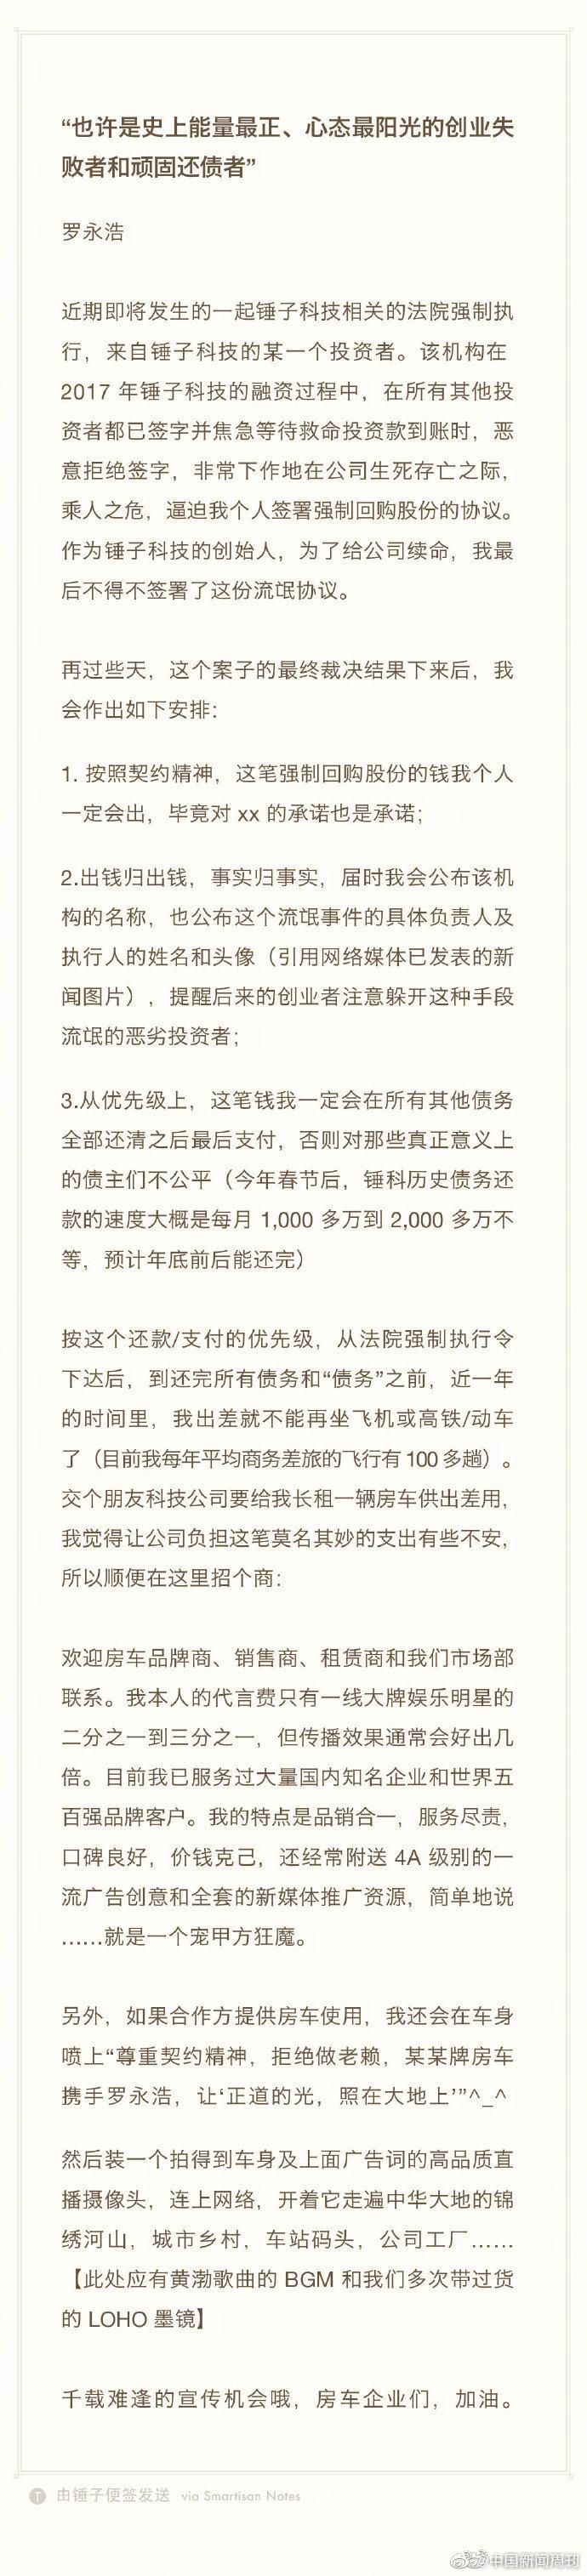 罗永浩再回应被强制执行:会按照法律程序妥善处理